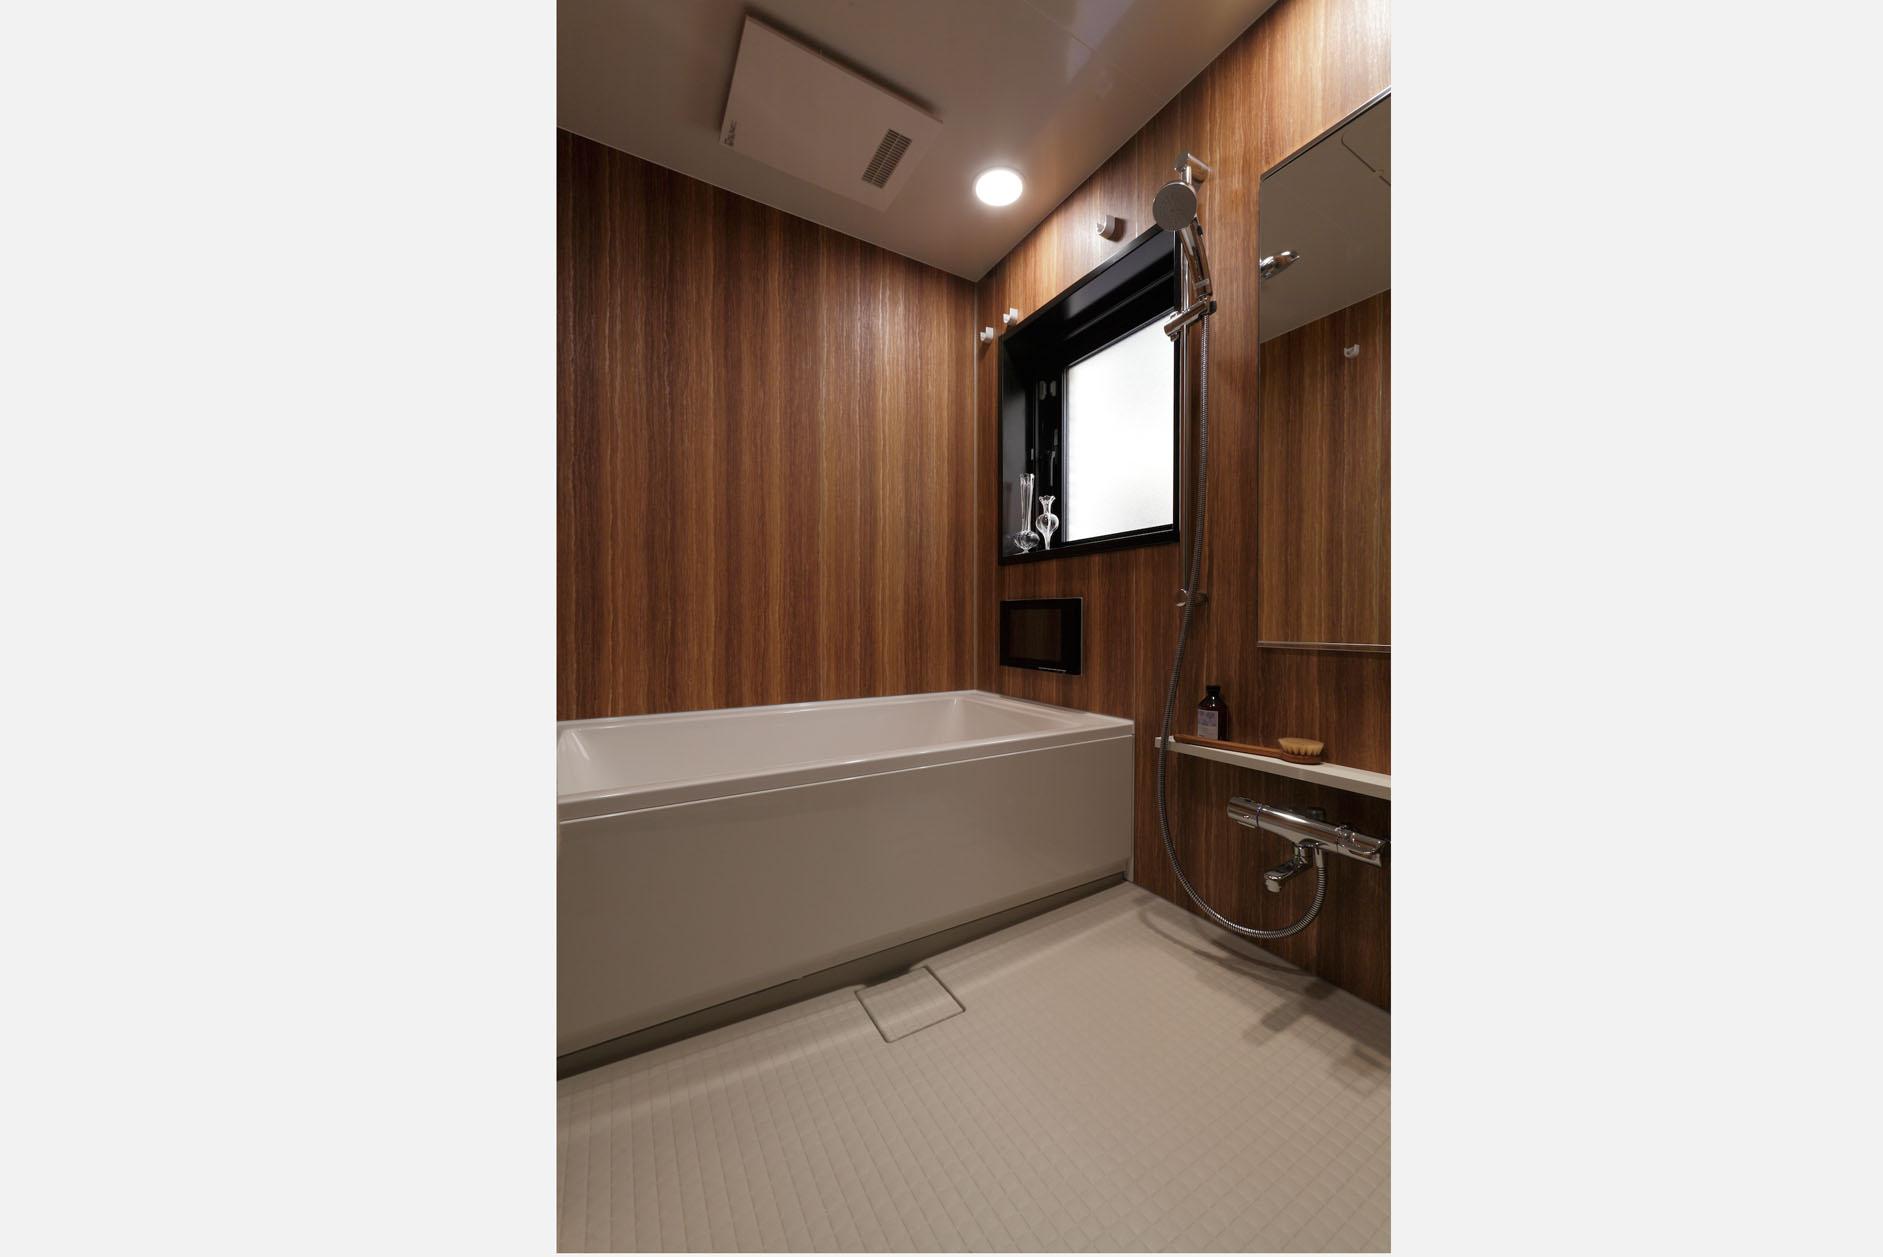 浴室/窓付きで明るく、高級感のある仕様。 イメージ